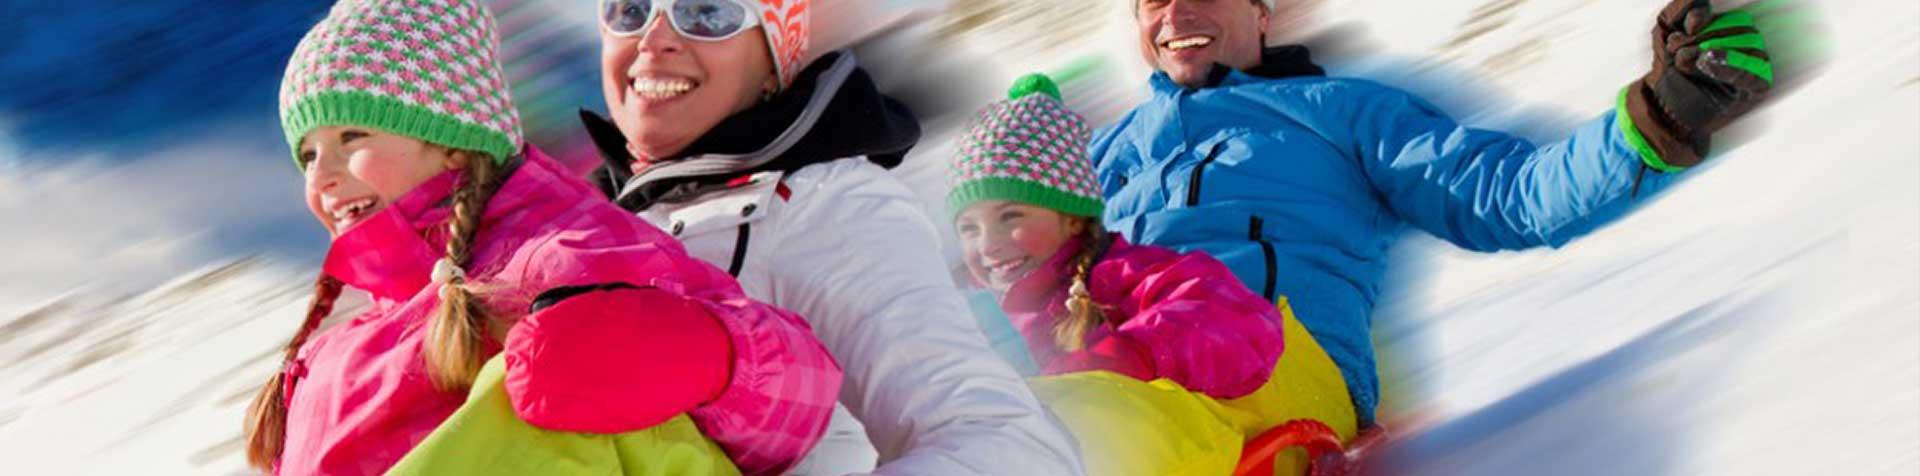 Au ski en famille pour la première fois?